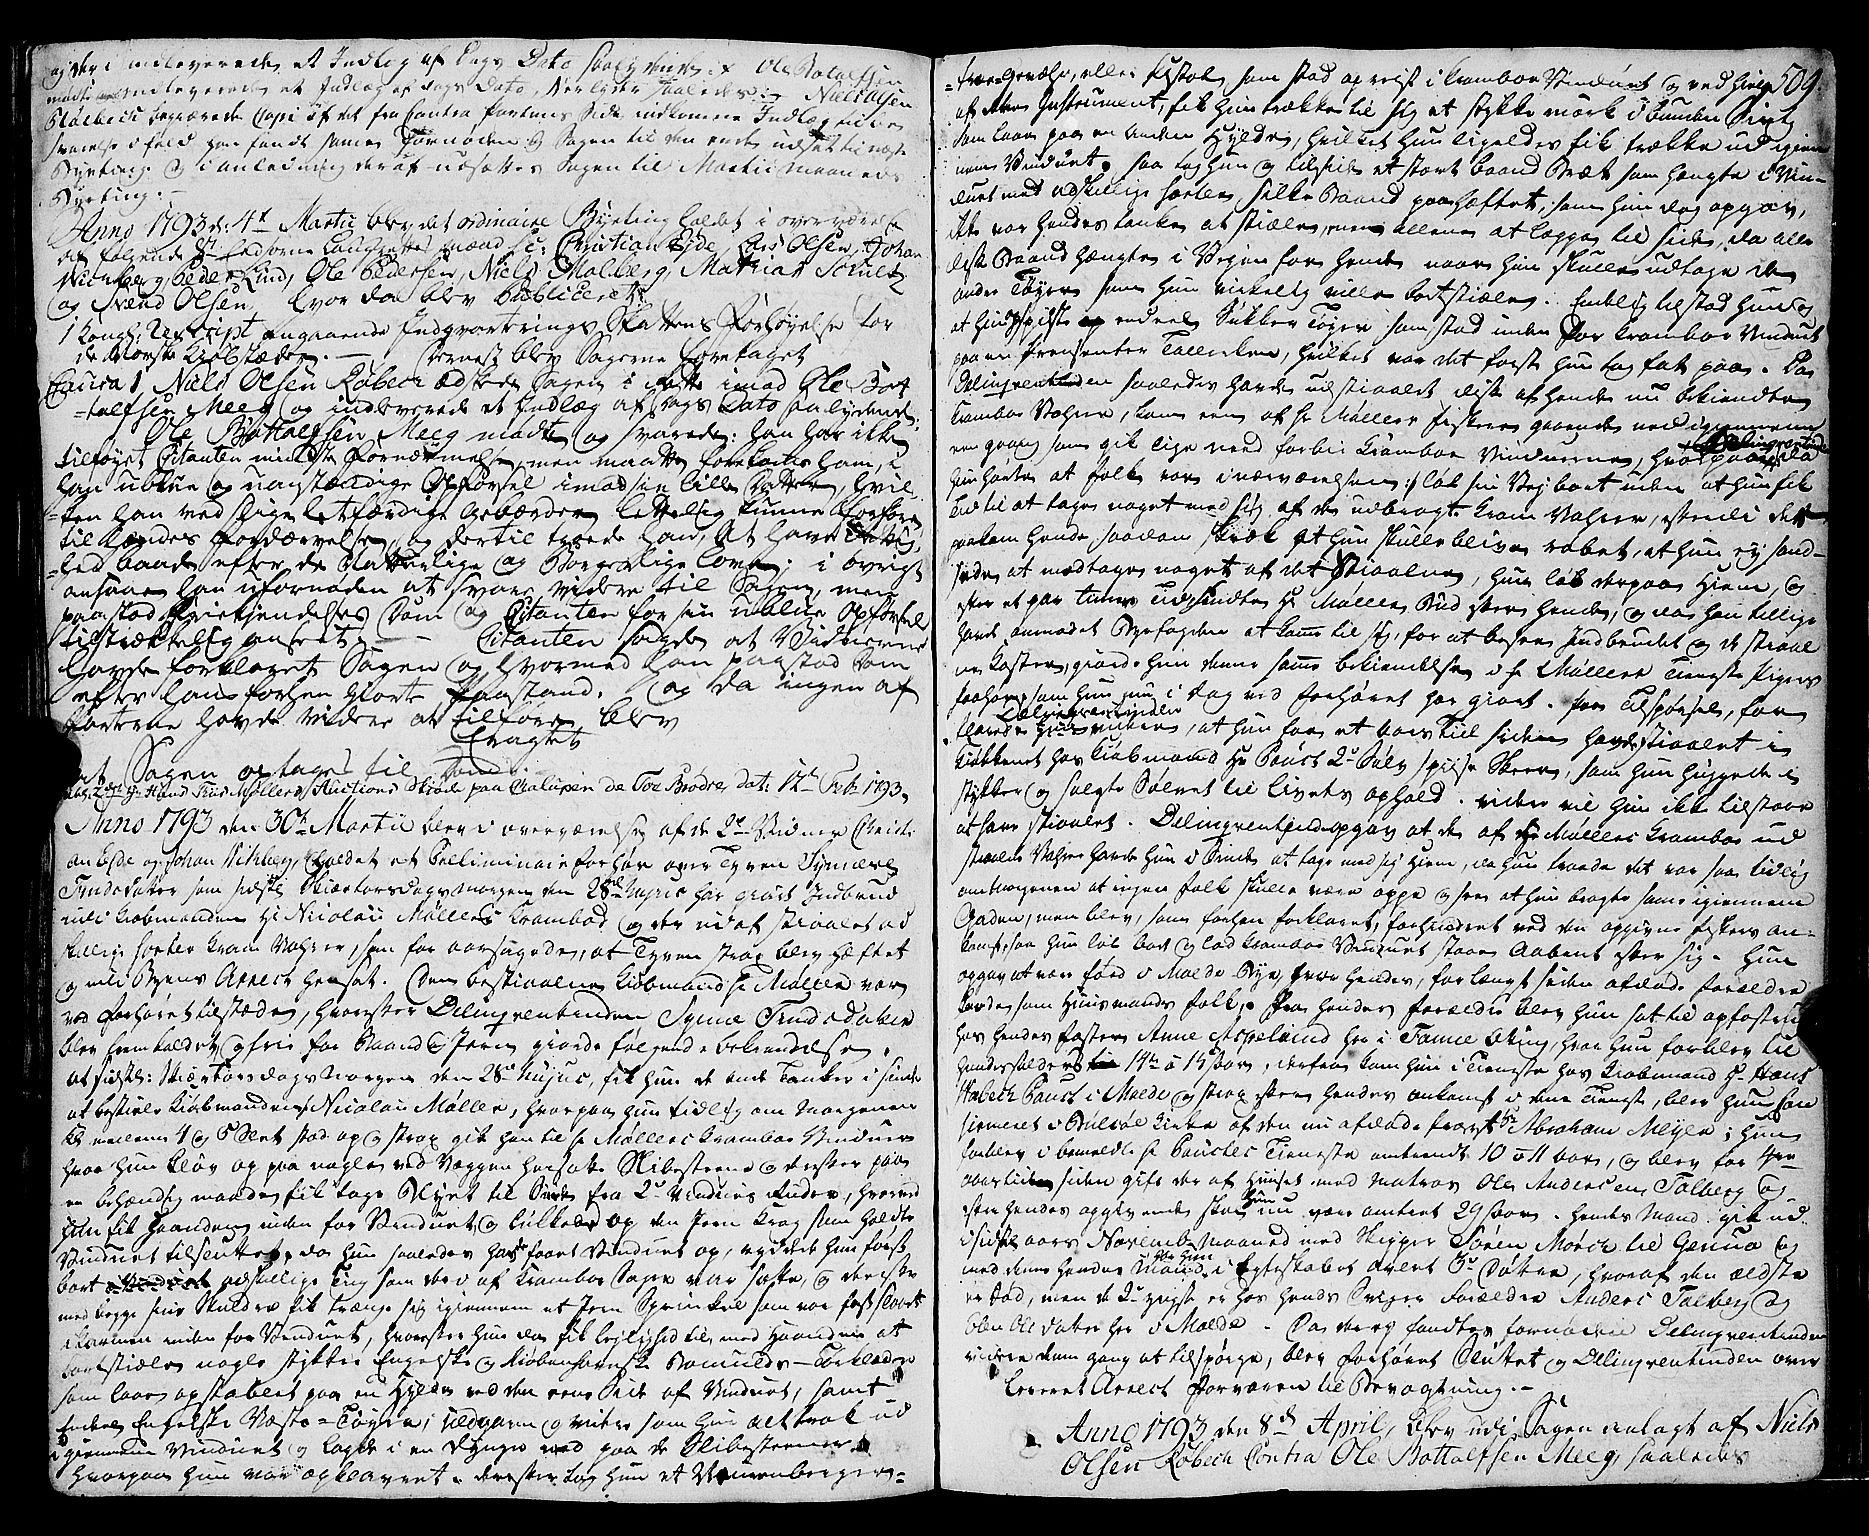 SAT, Molde byfogd, 1A/L0001: Justisprotokoll, 1764-1796, s. 510